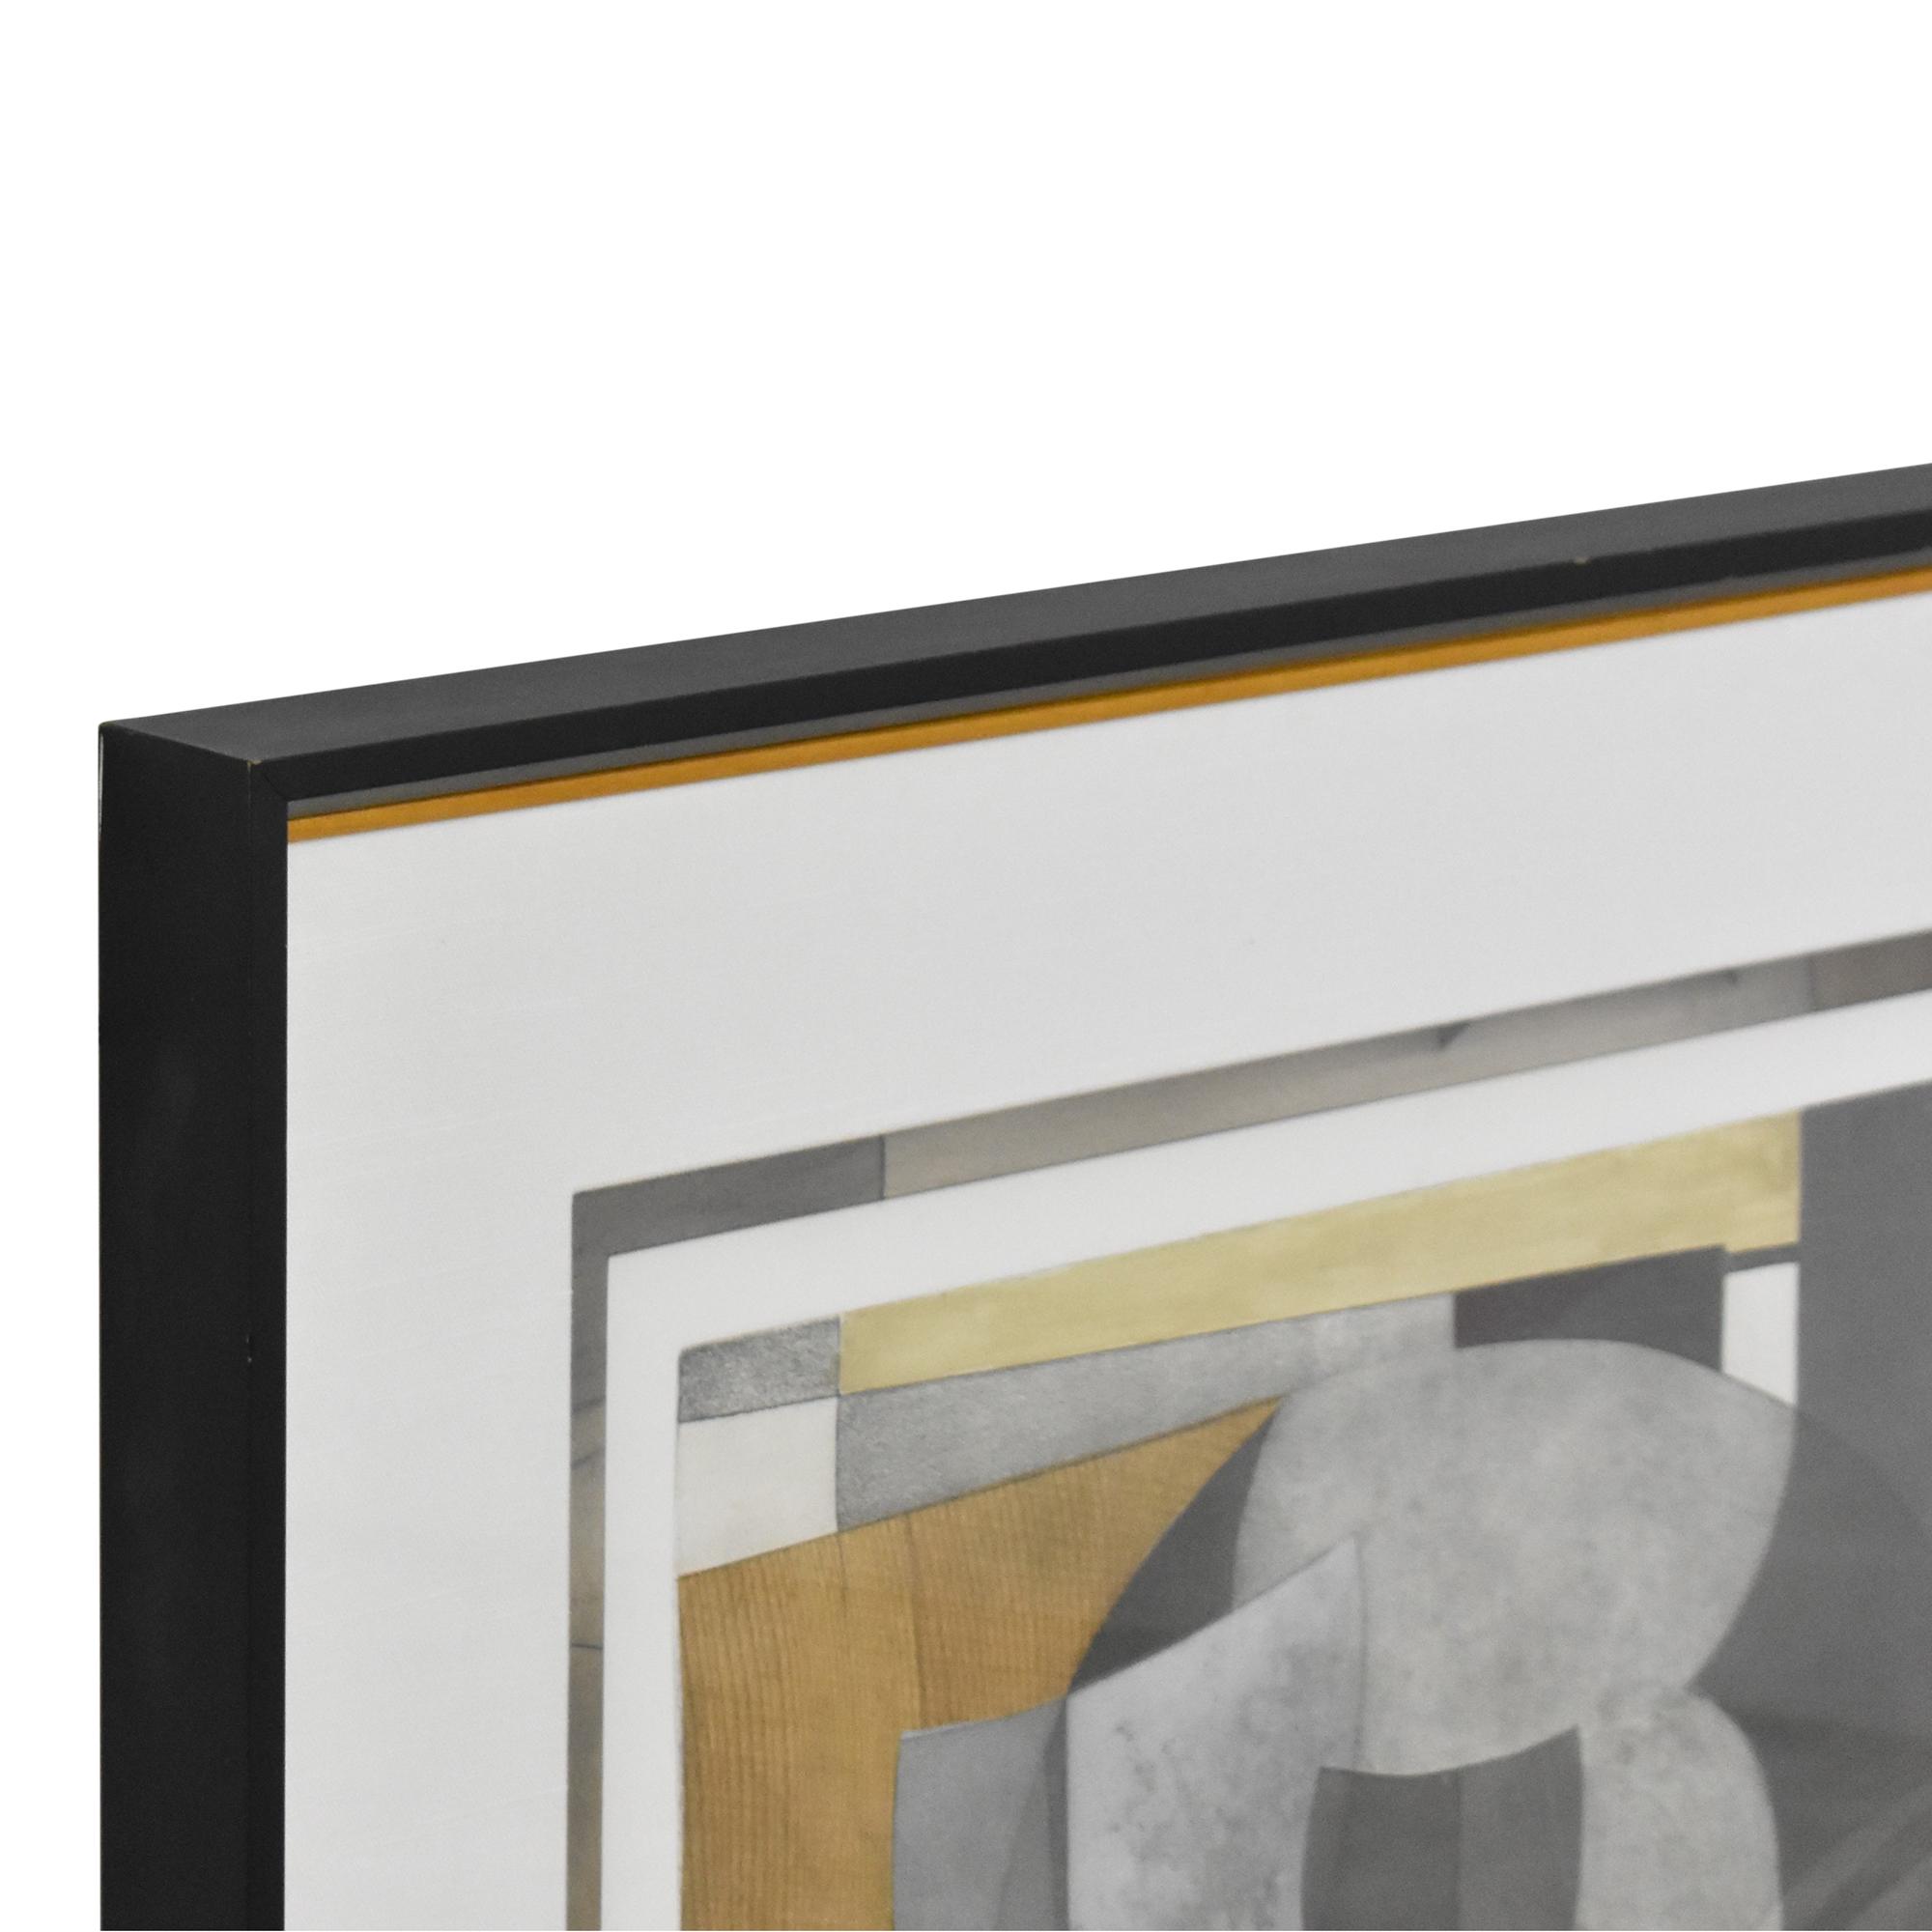 Ethan Allen Ethan Allen Framed Wall Art discount